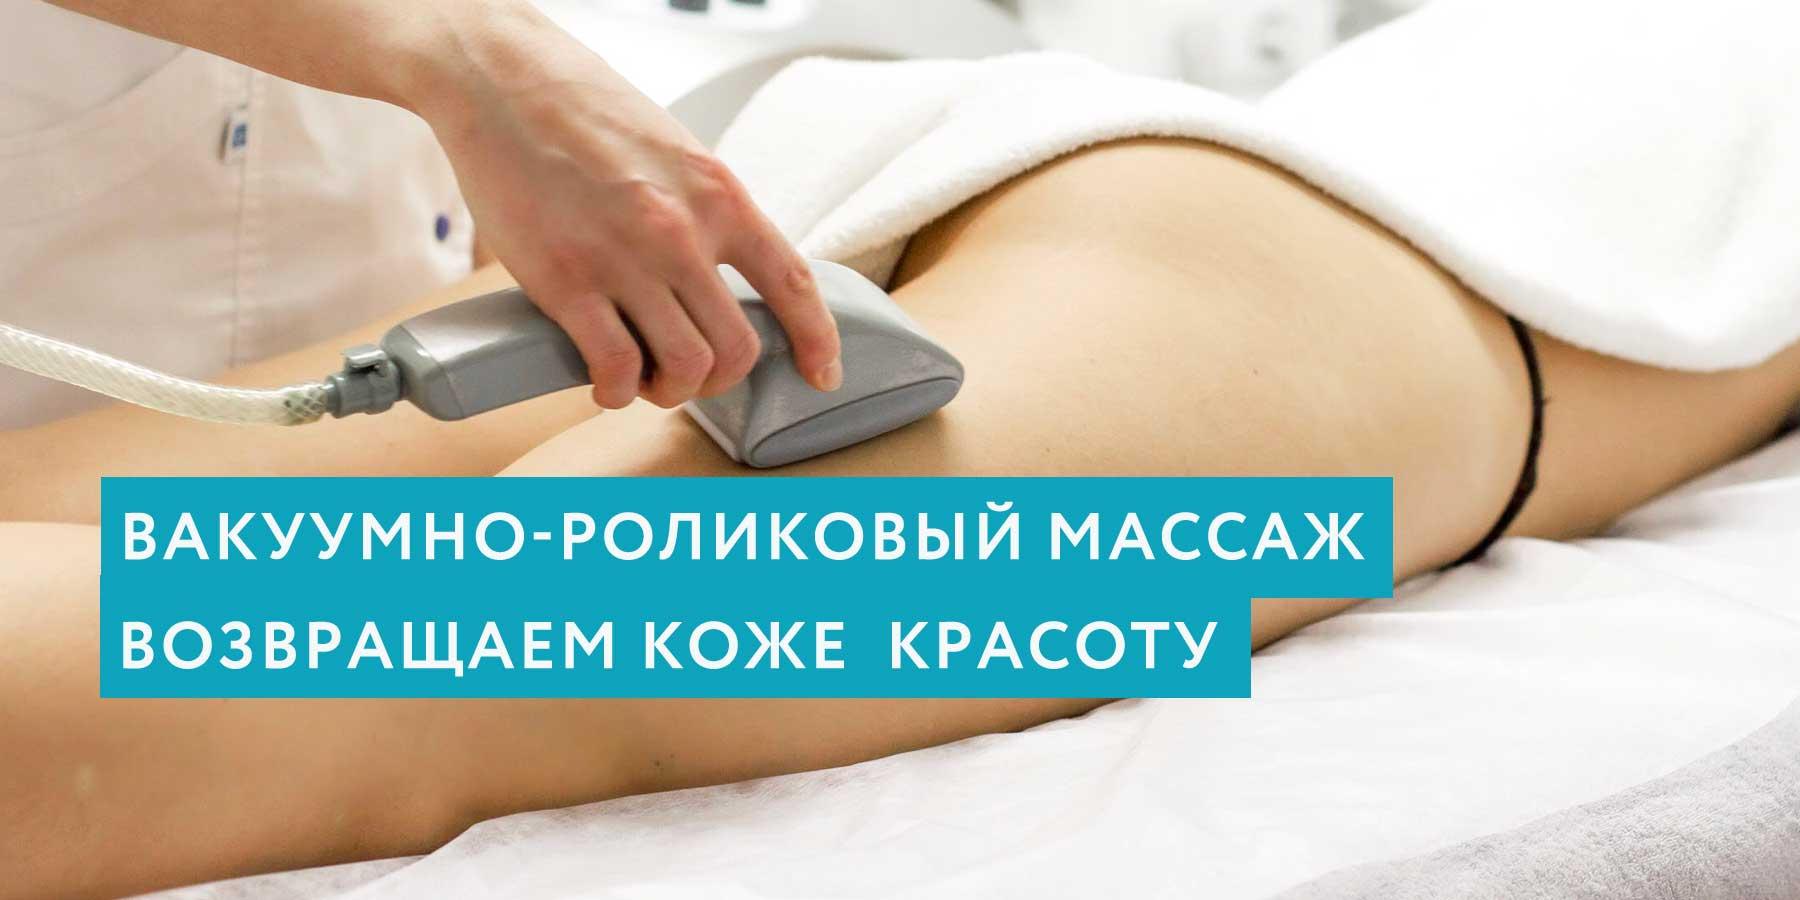 Вакуумно-роликовый массаж: возвращаем коже молодость и красоту!